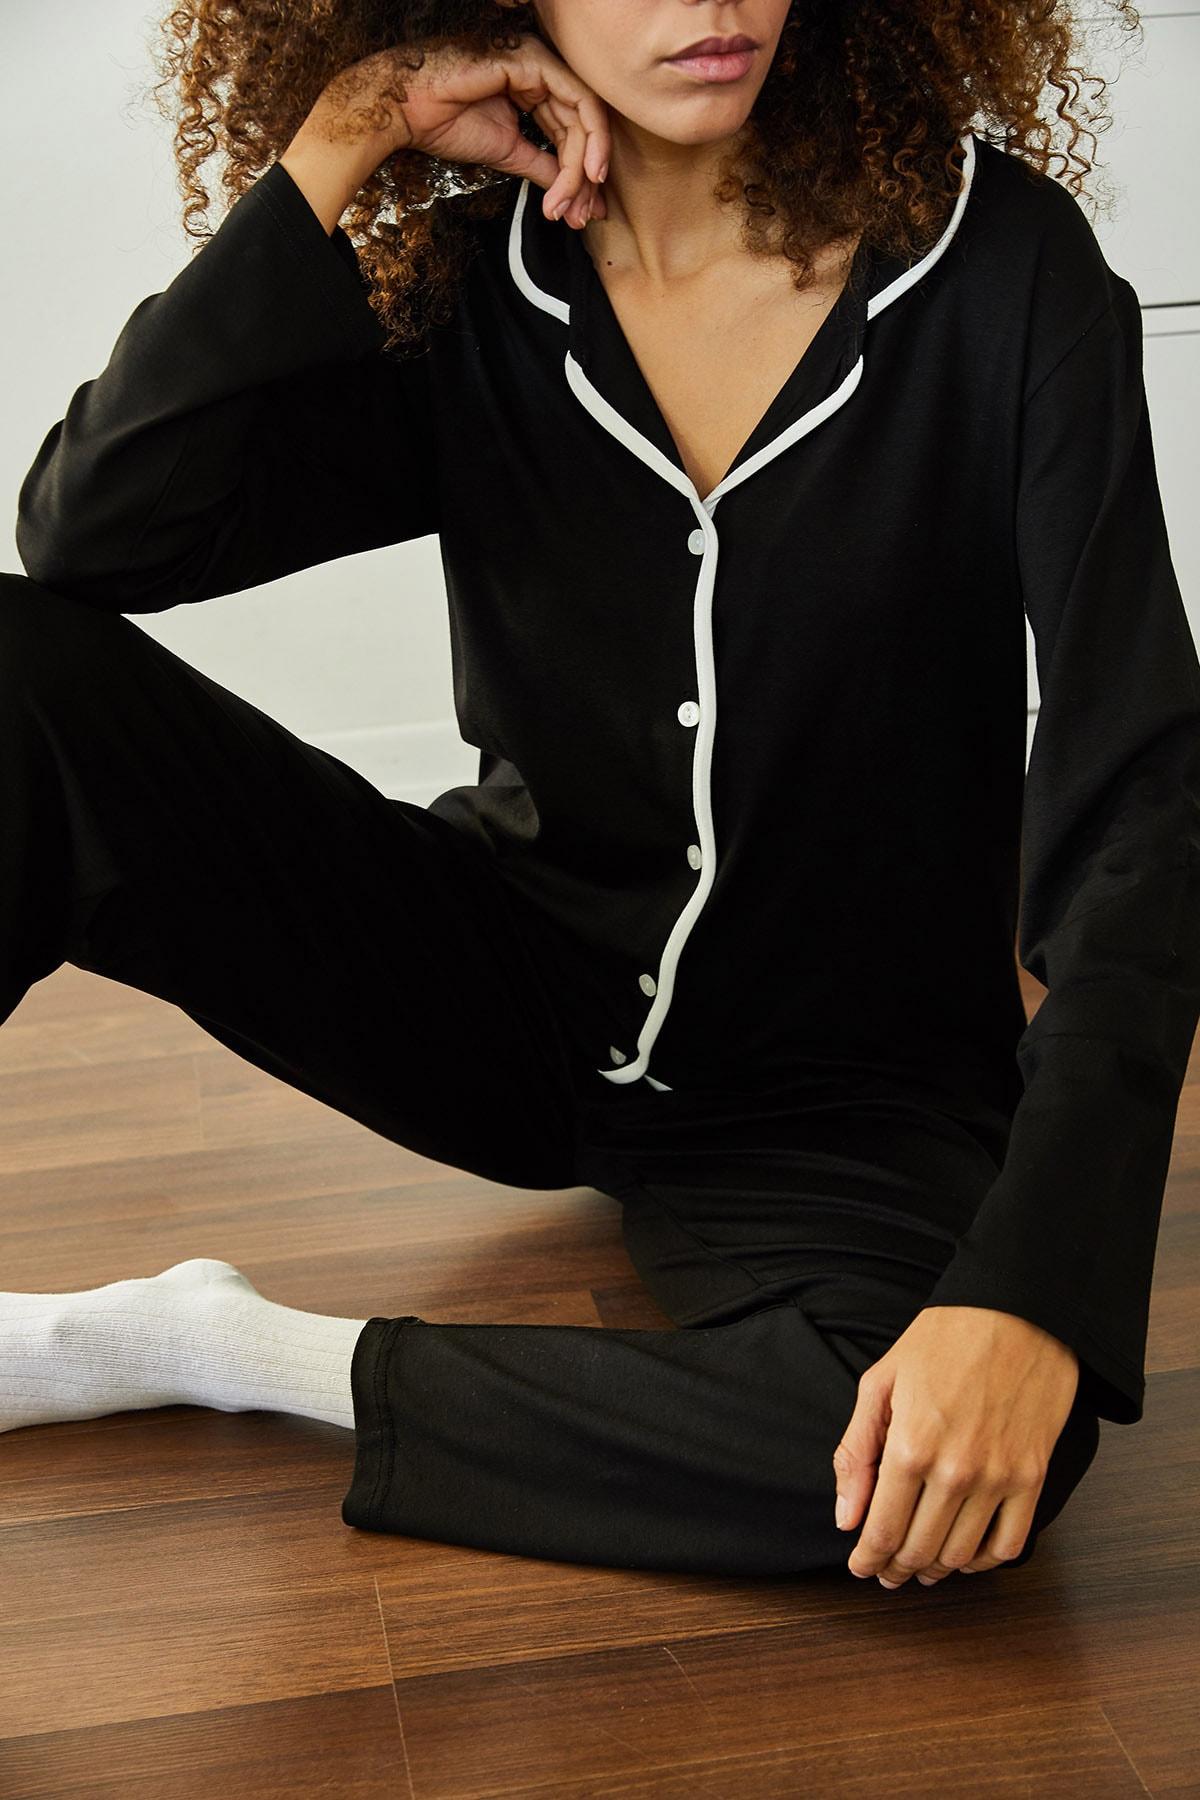 XENA Kadın Siyah Yumuşak Dokulu Esnek Örme Pijama Takımı 1KZK8-11024-02 1